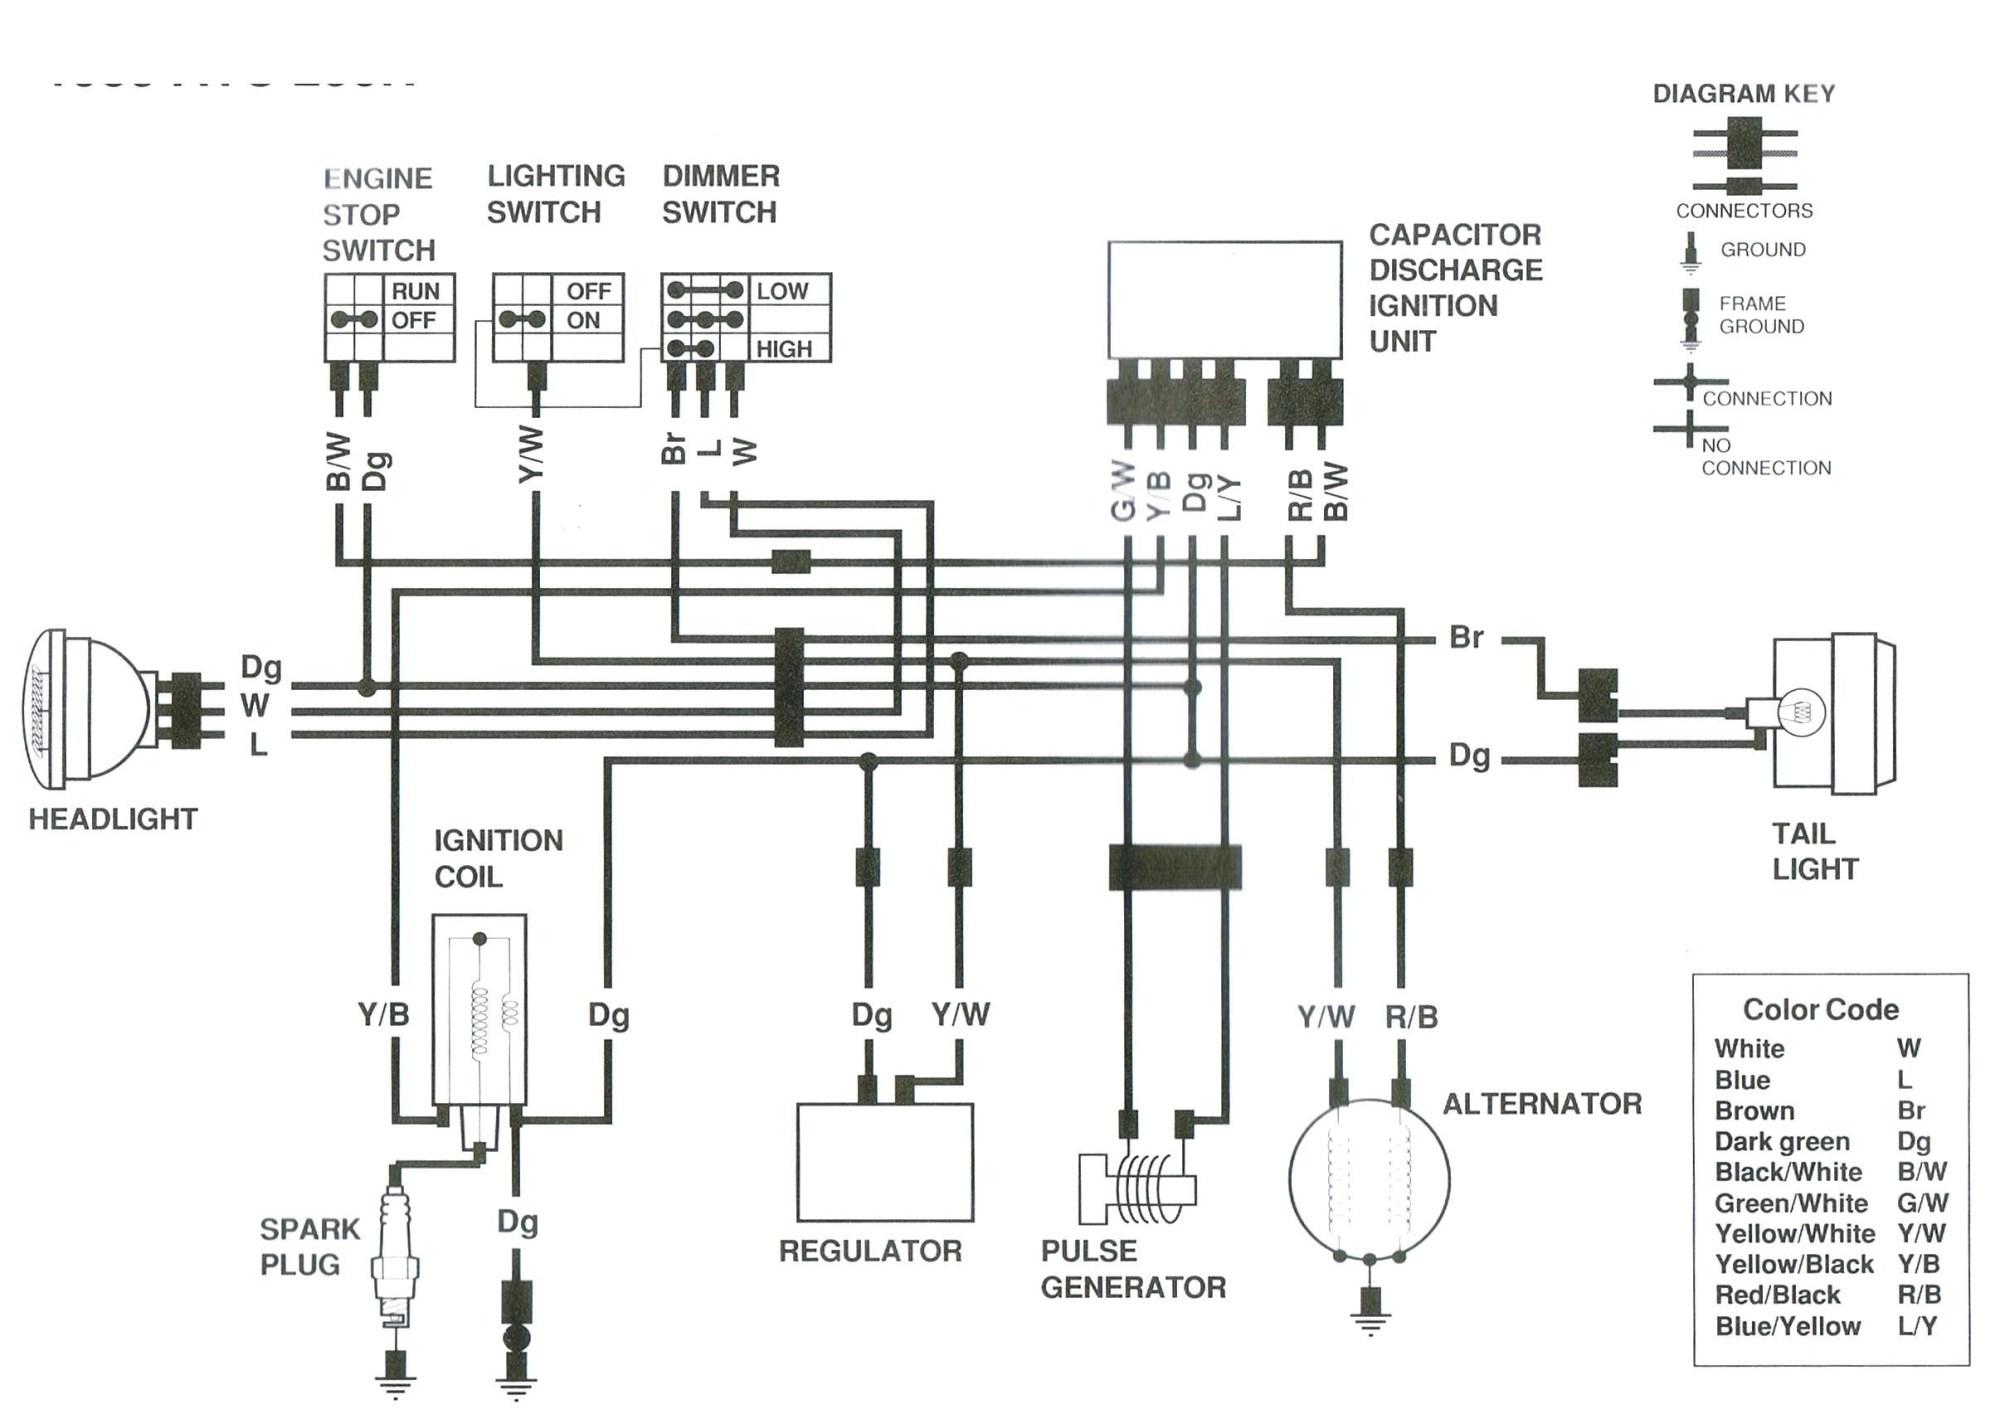 hight resolution of 08 honda ruckus wiring diagram wiring library honda ruckus wiring diagram